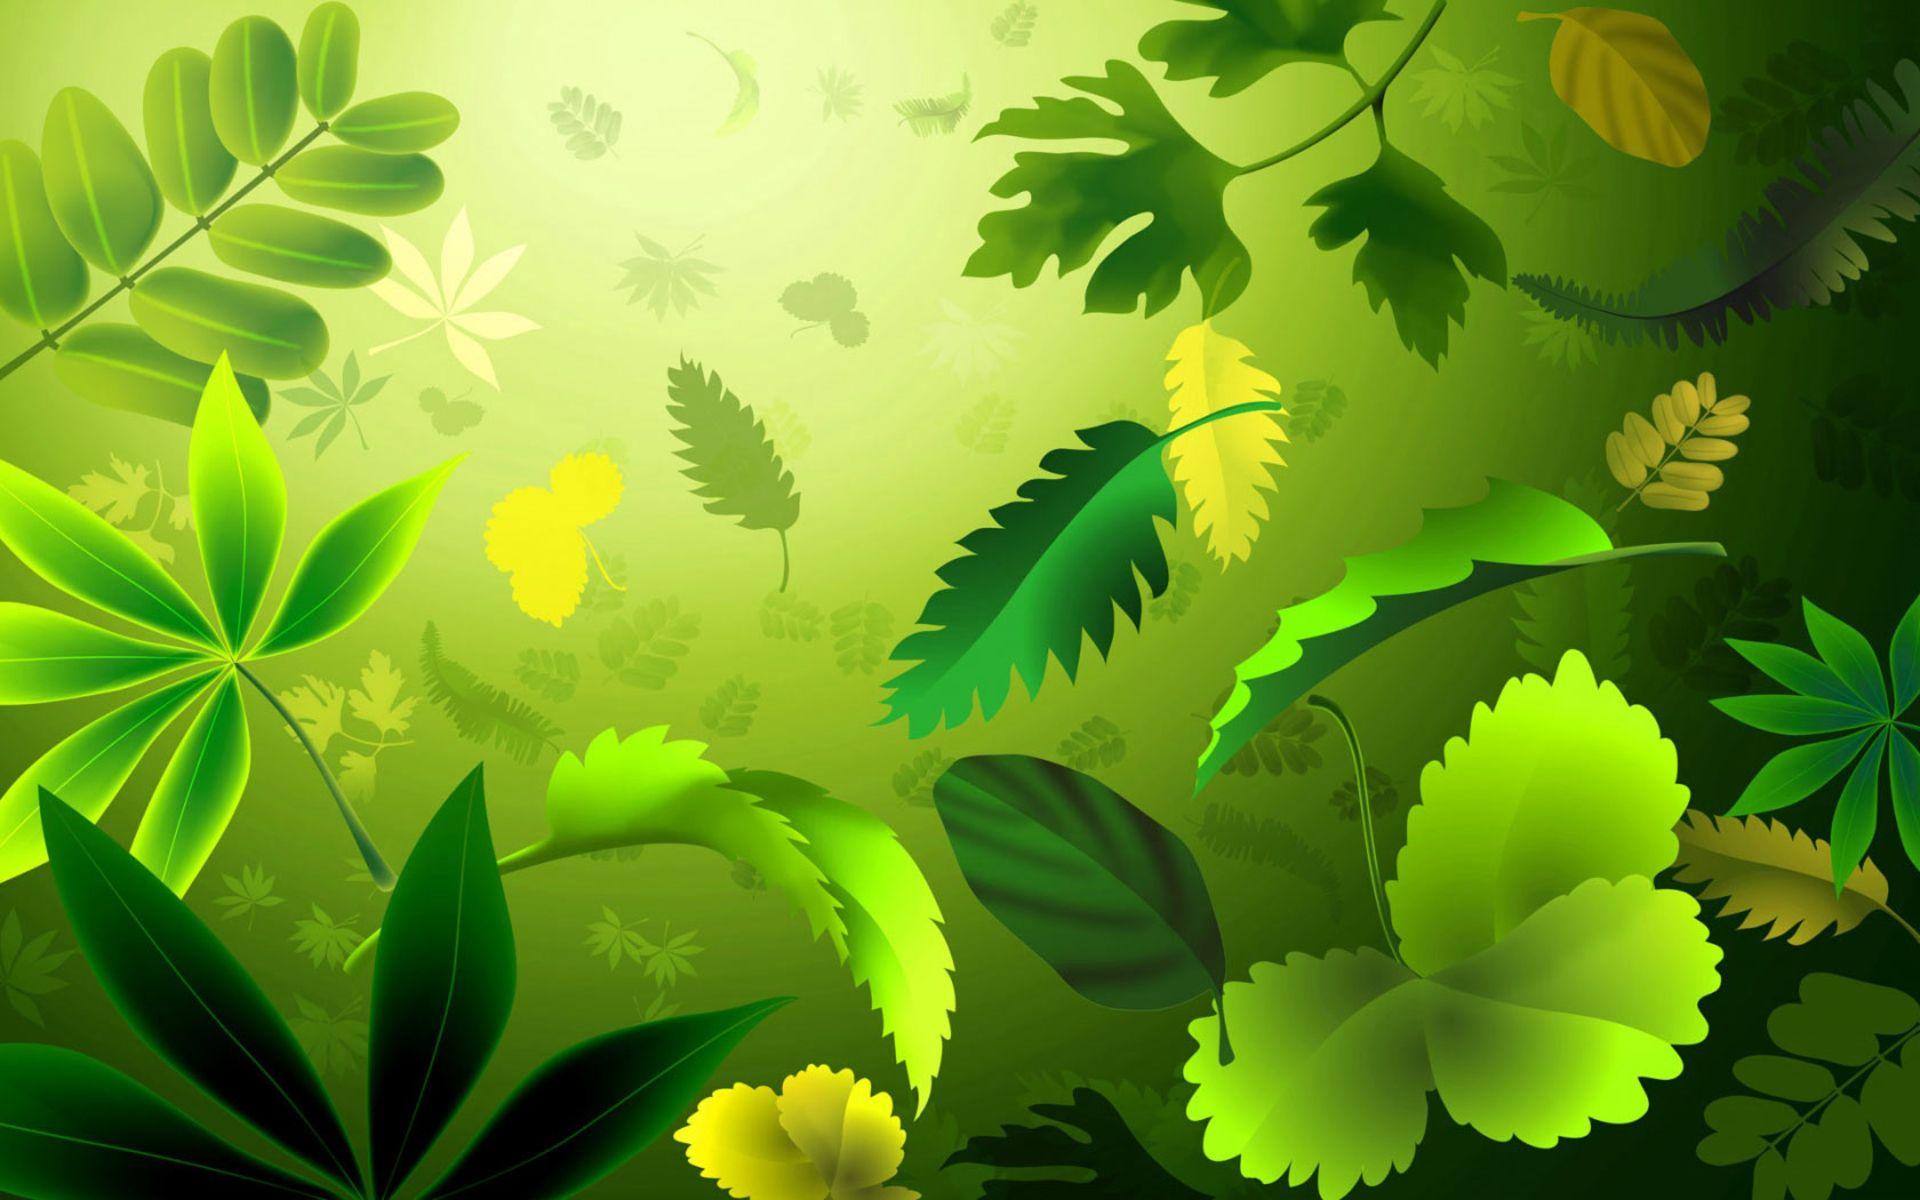 Banana Leaf Stock Images RoyaltyFree Images Vectors Shutterstock